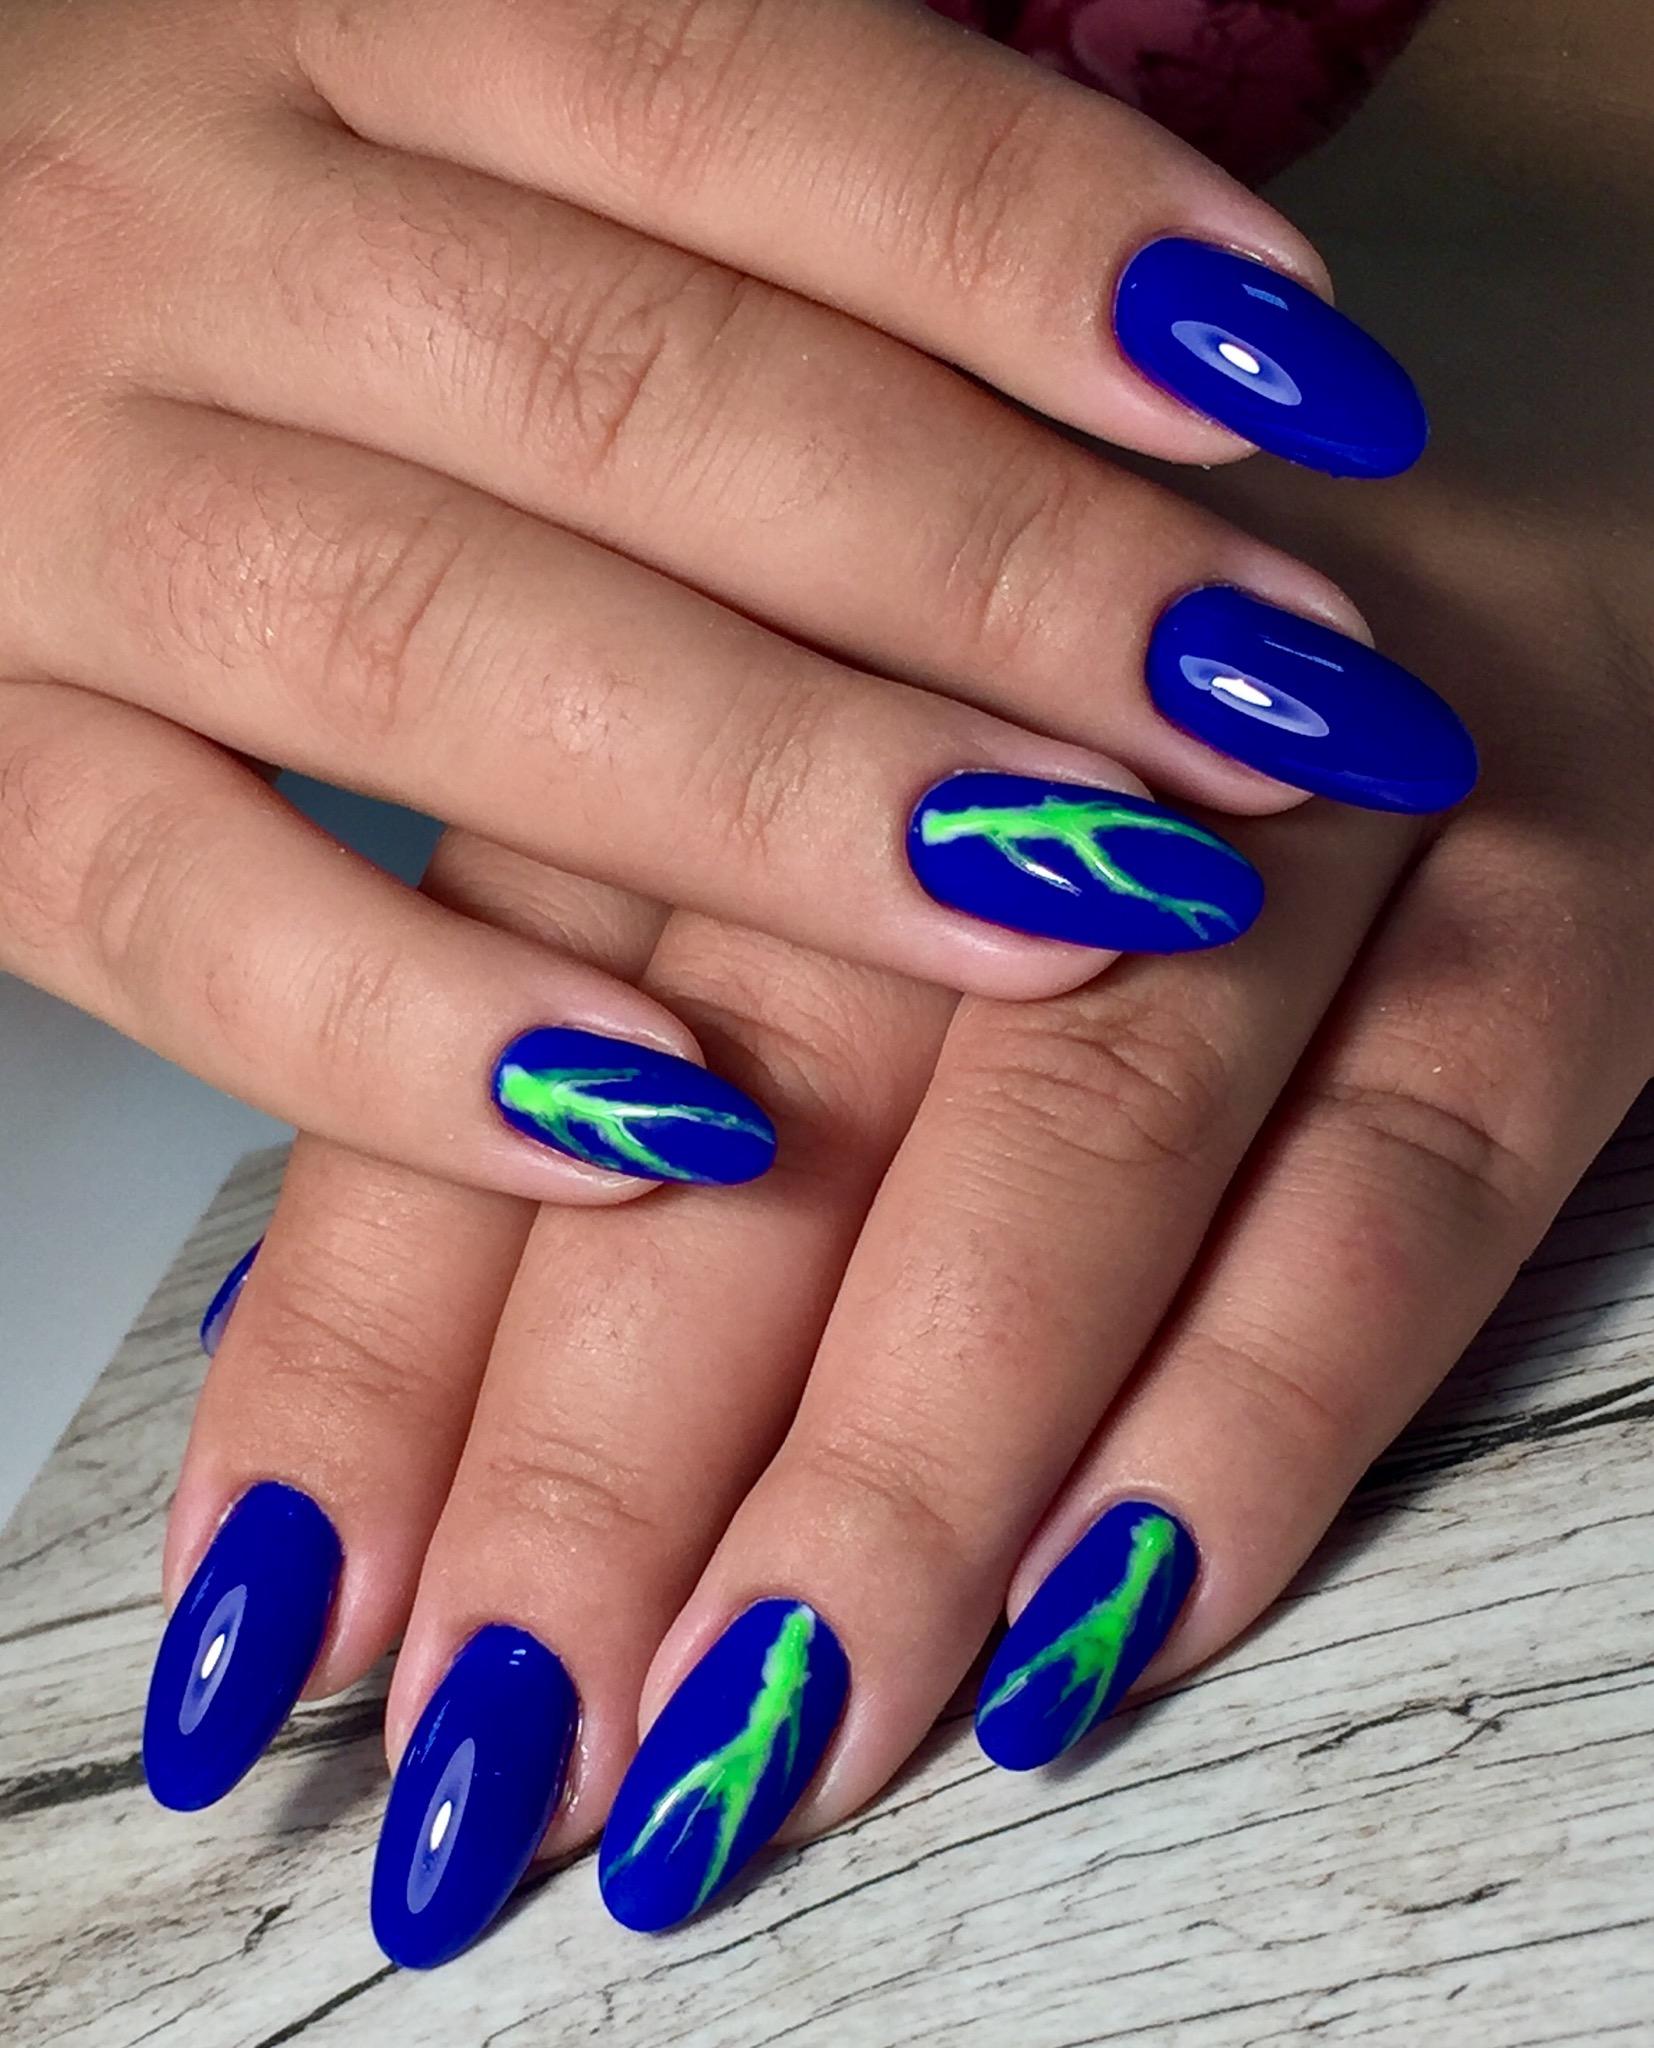 Маникюр с рисунком в синем цвете на длинные ногти.